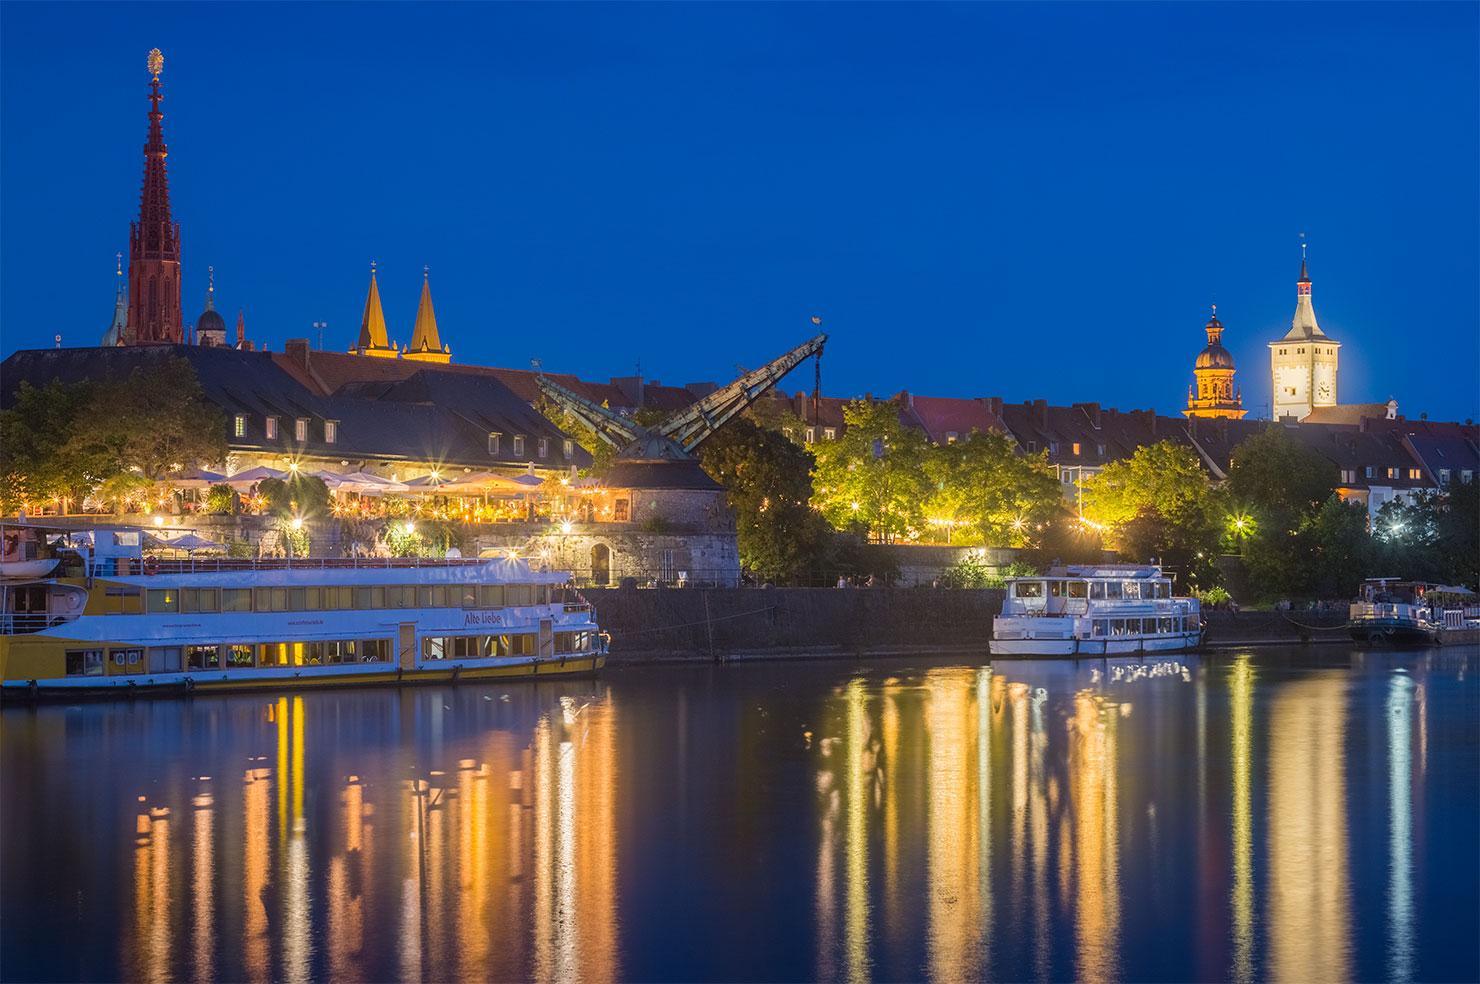 Würzburg Alter Kranen Mainkai Sommer blaue Stunde